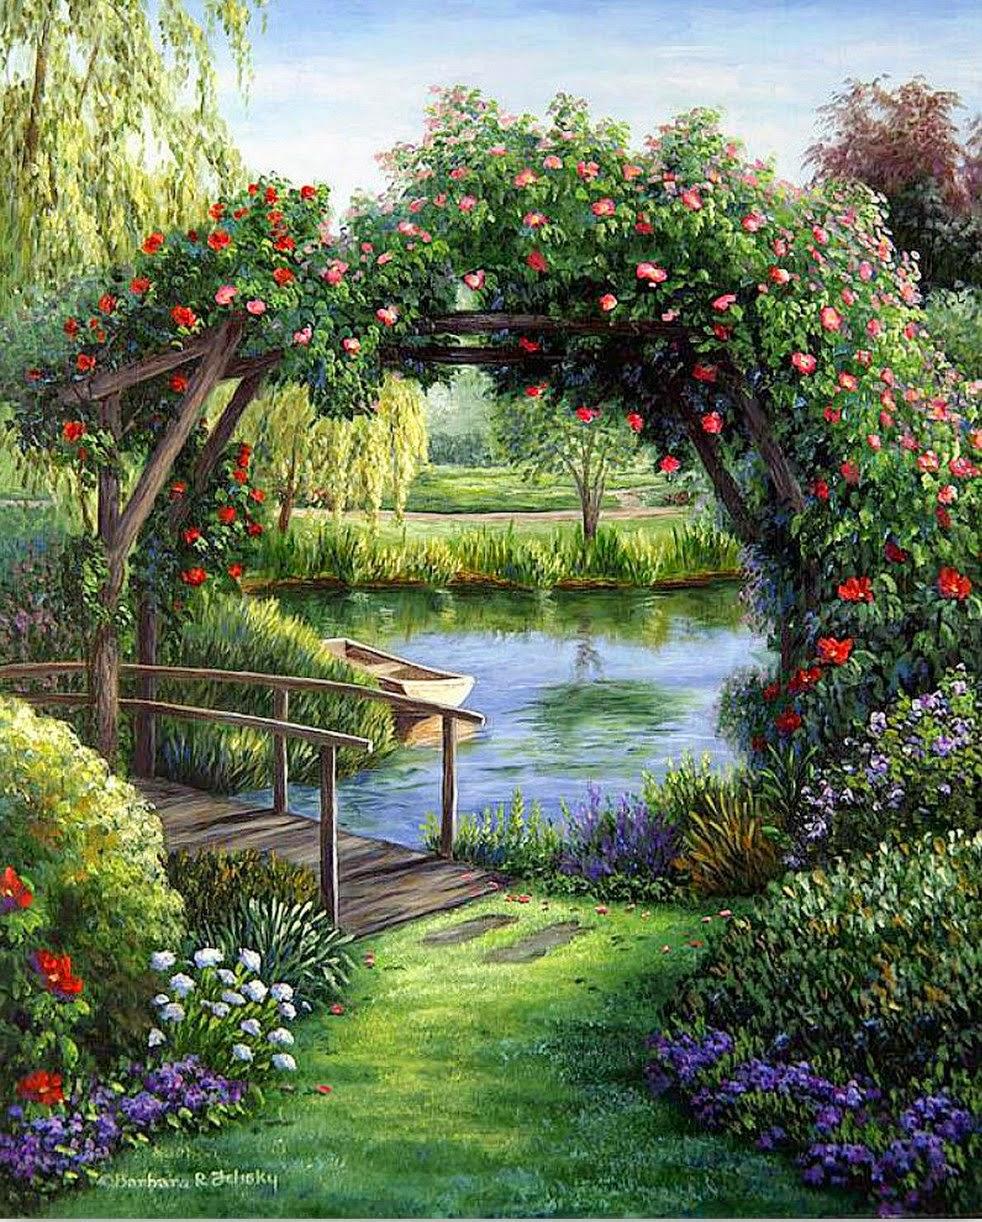 Im genes arte pinturas paisajes con jardines y flores - Jardines y plantas ...